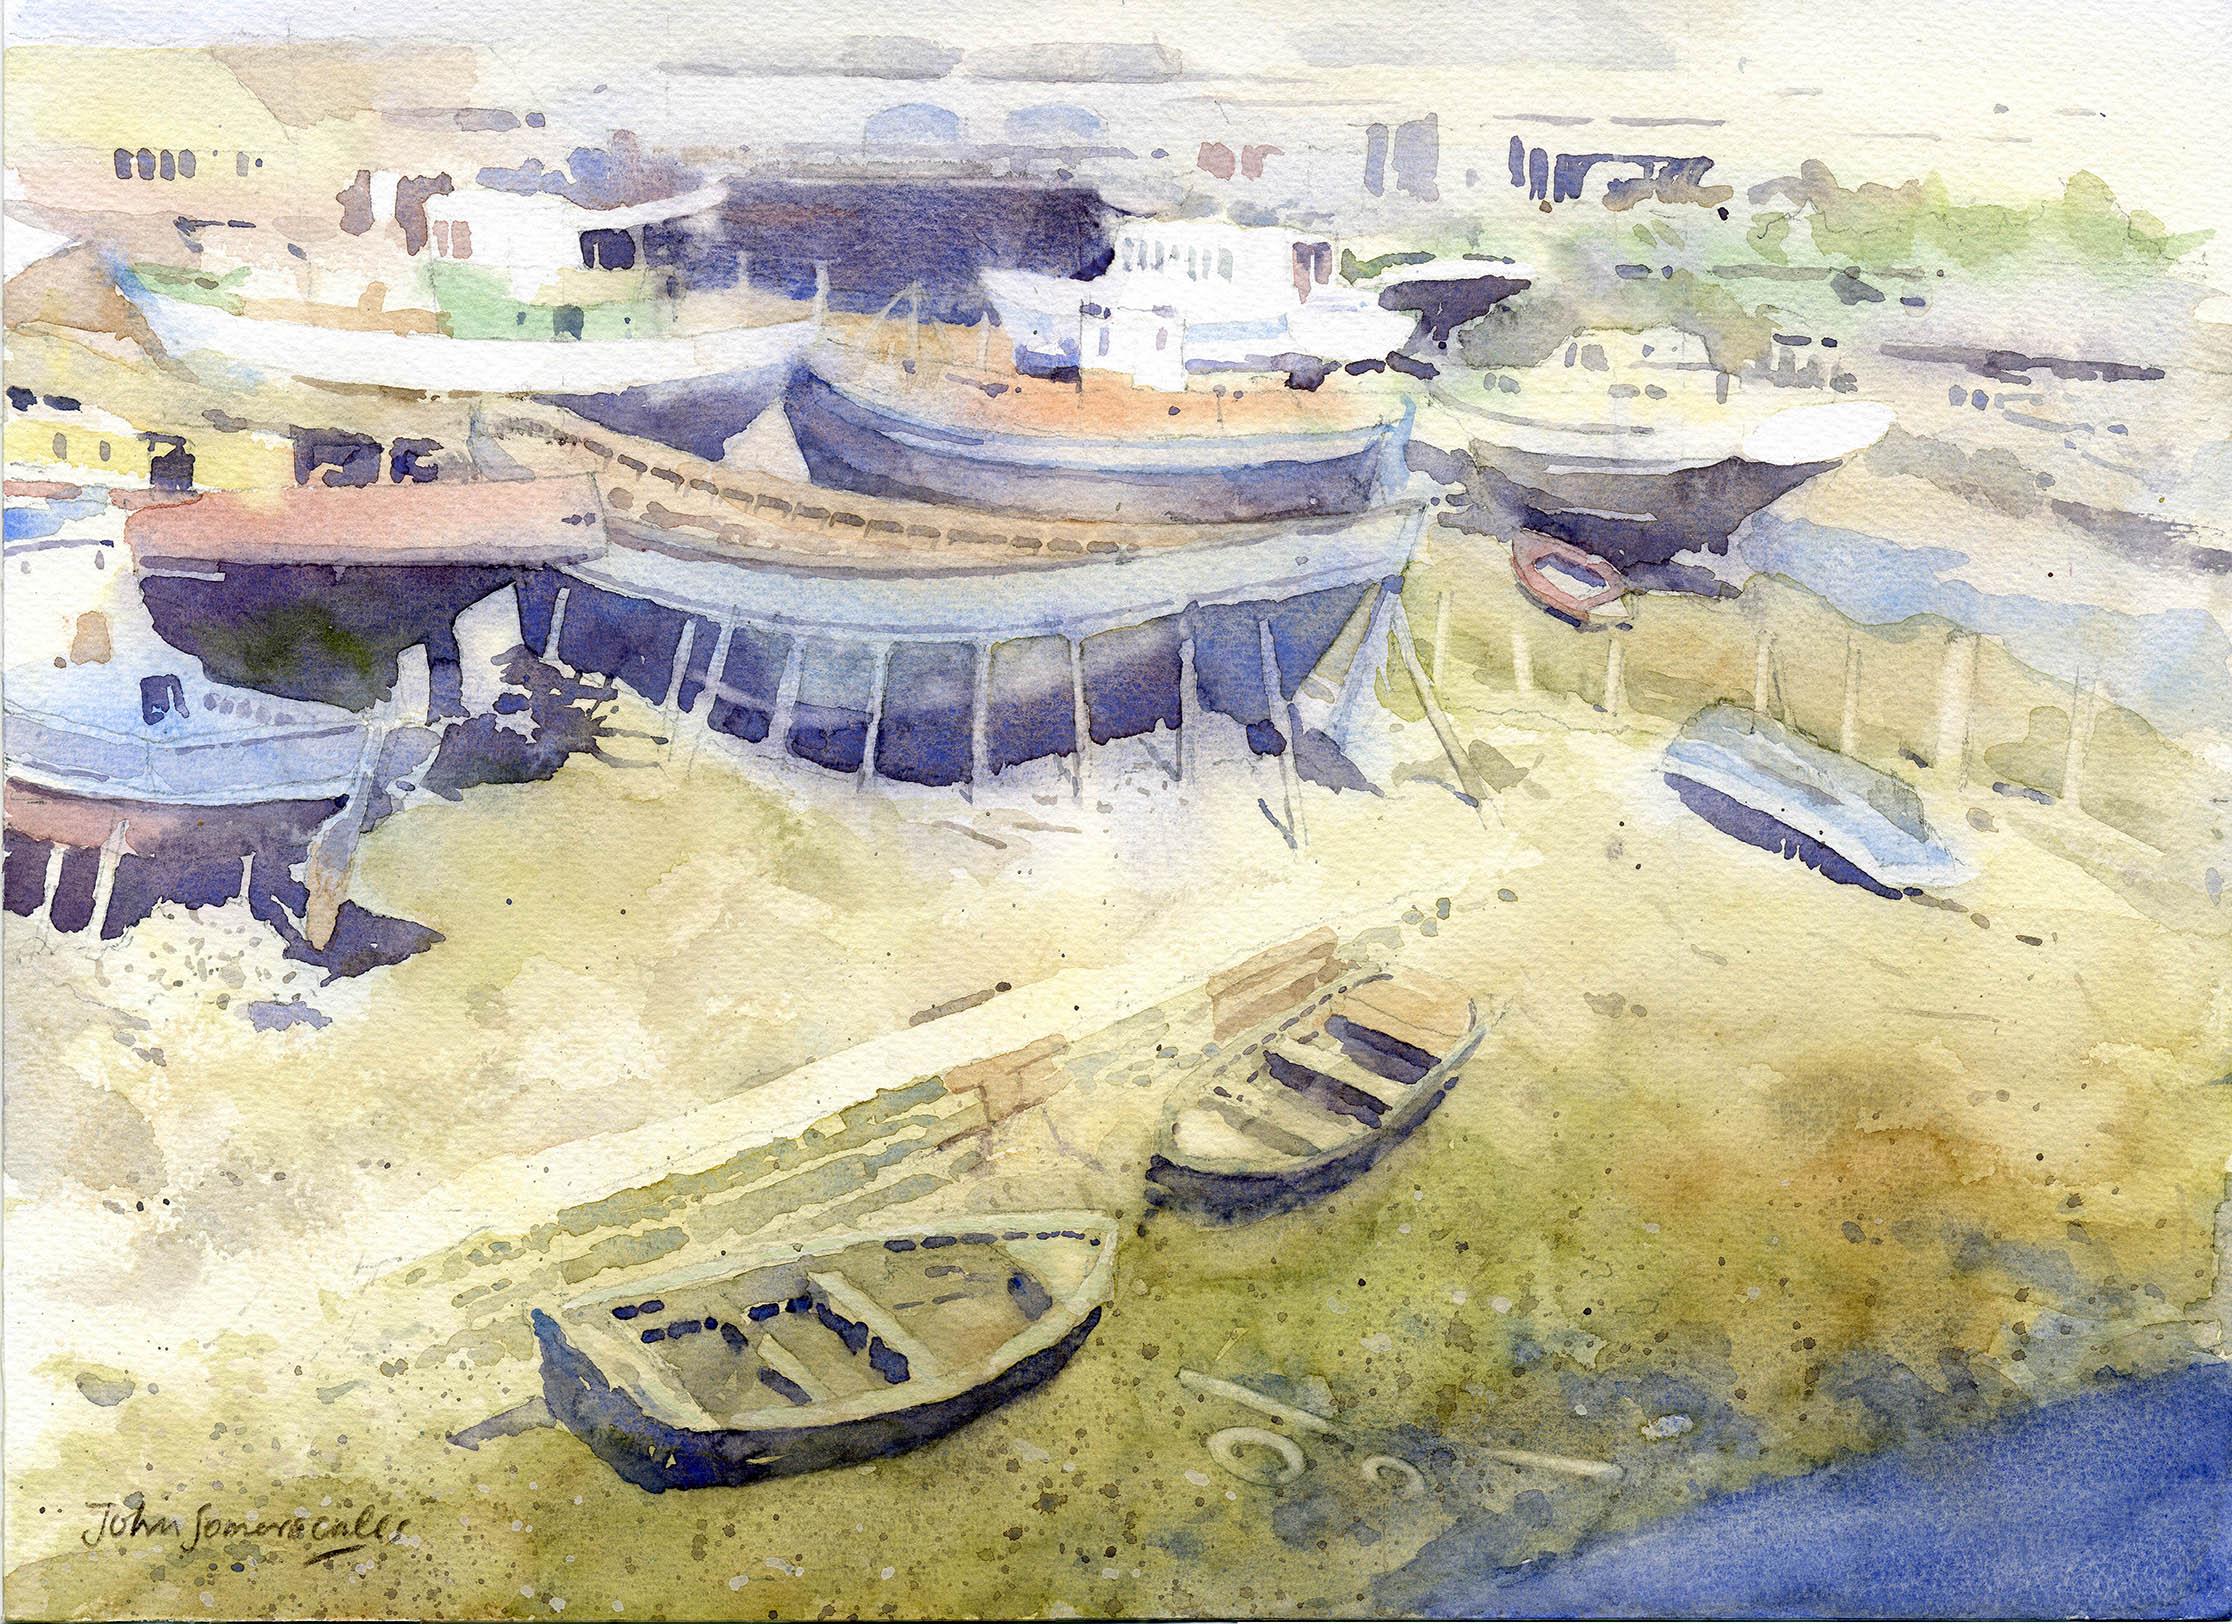 Boatyard at Portimao